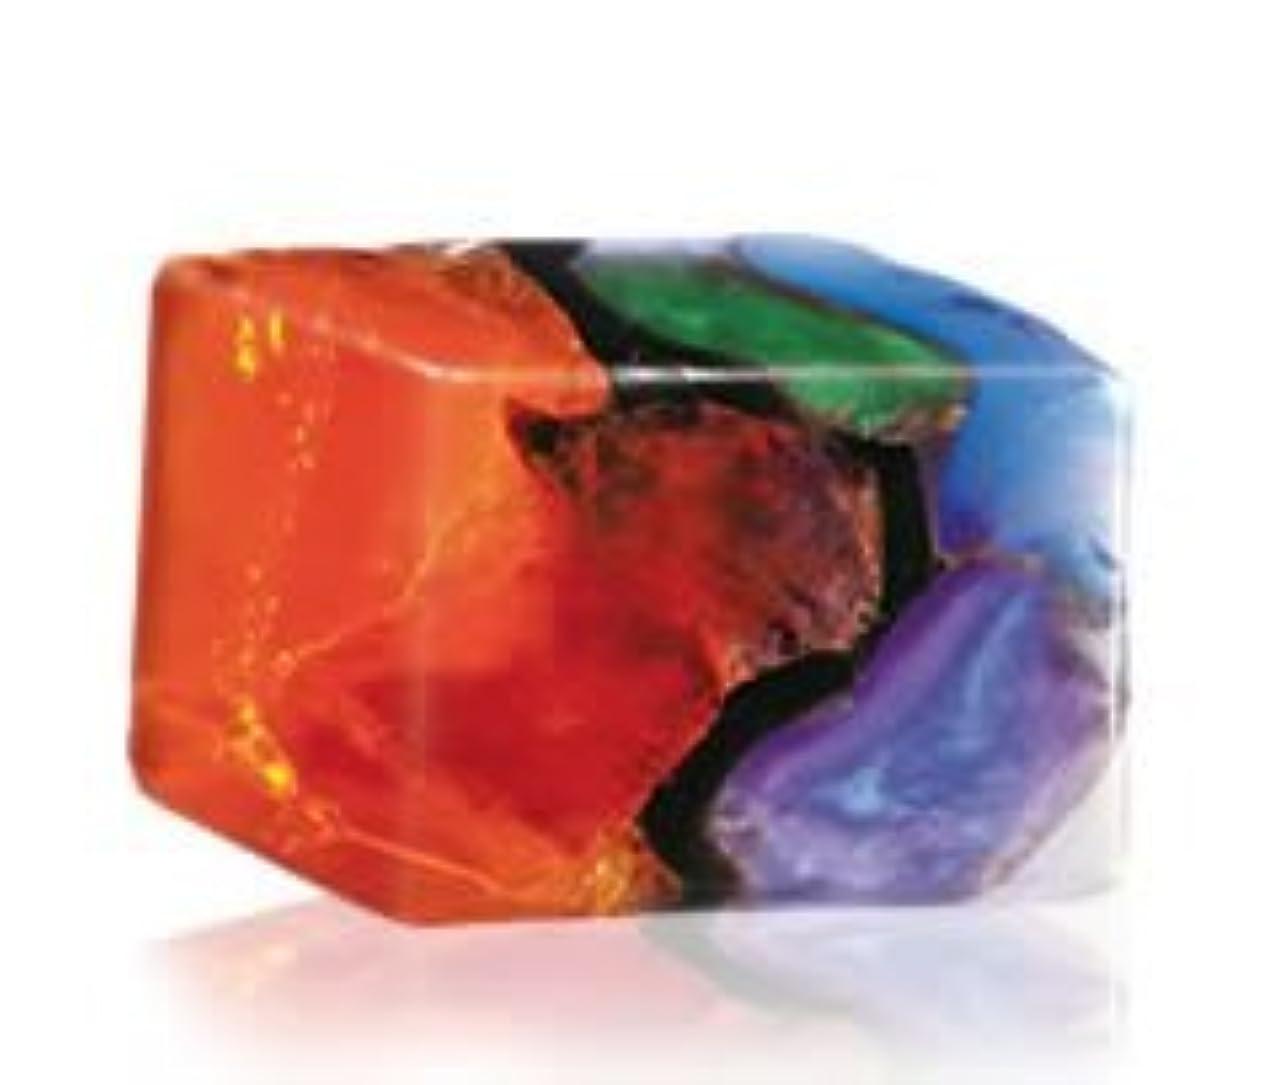 ドライ非アクティブ自己尊重Savons Gemme サボンジェム 世界で一番美しい宝石石鹸 フレグランスソープ ファイアオパール 170g【日本総代理店品】